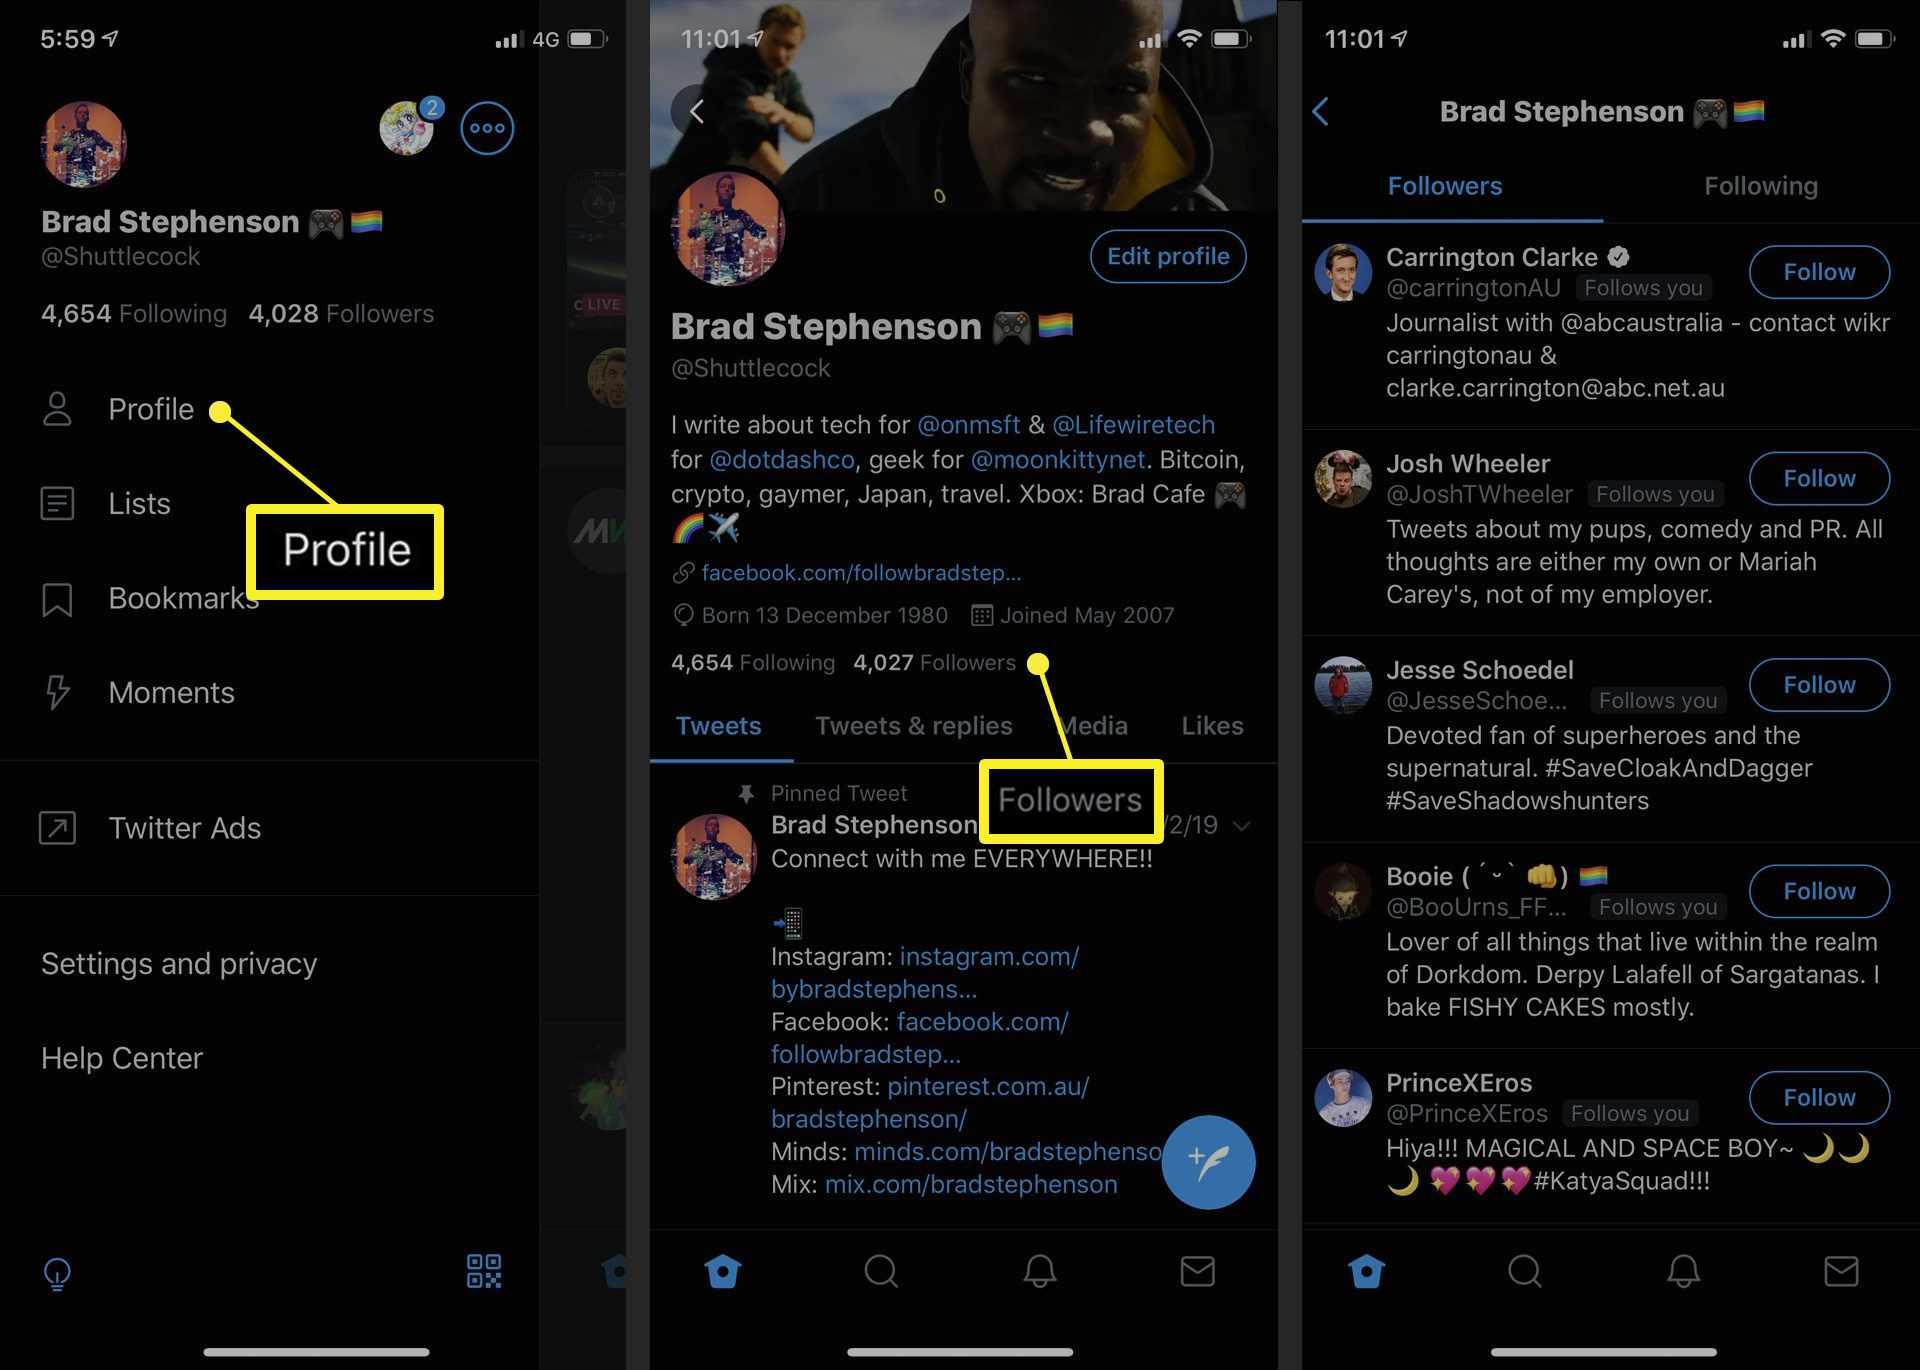 Twitter profile follower list in the iOS Twitter app